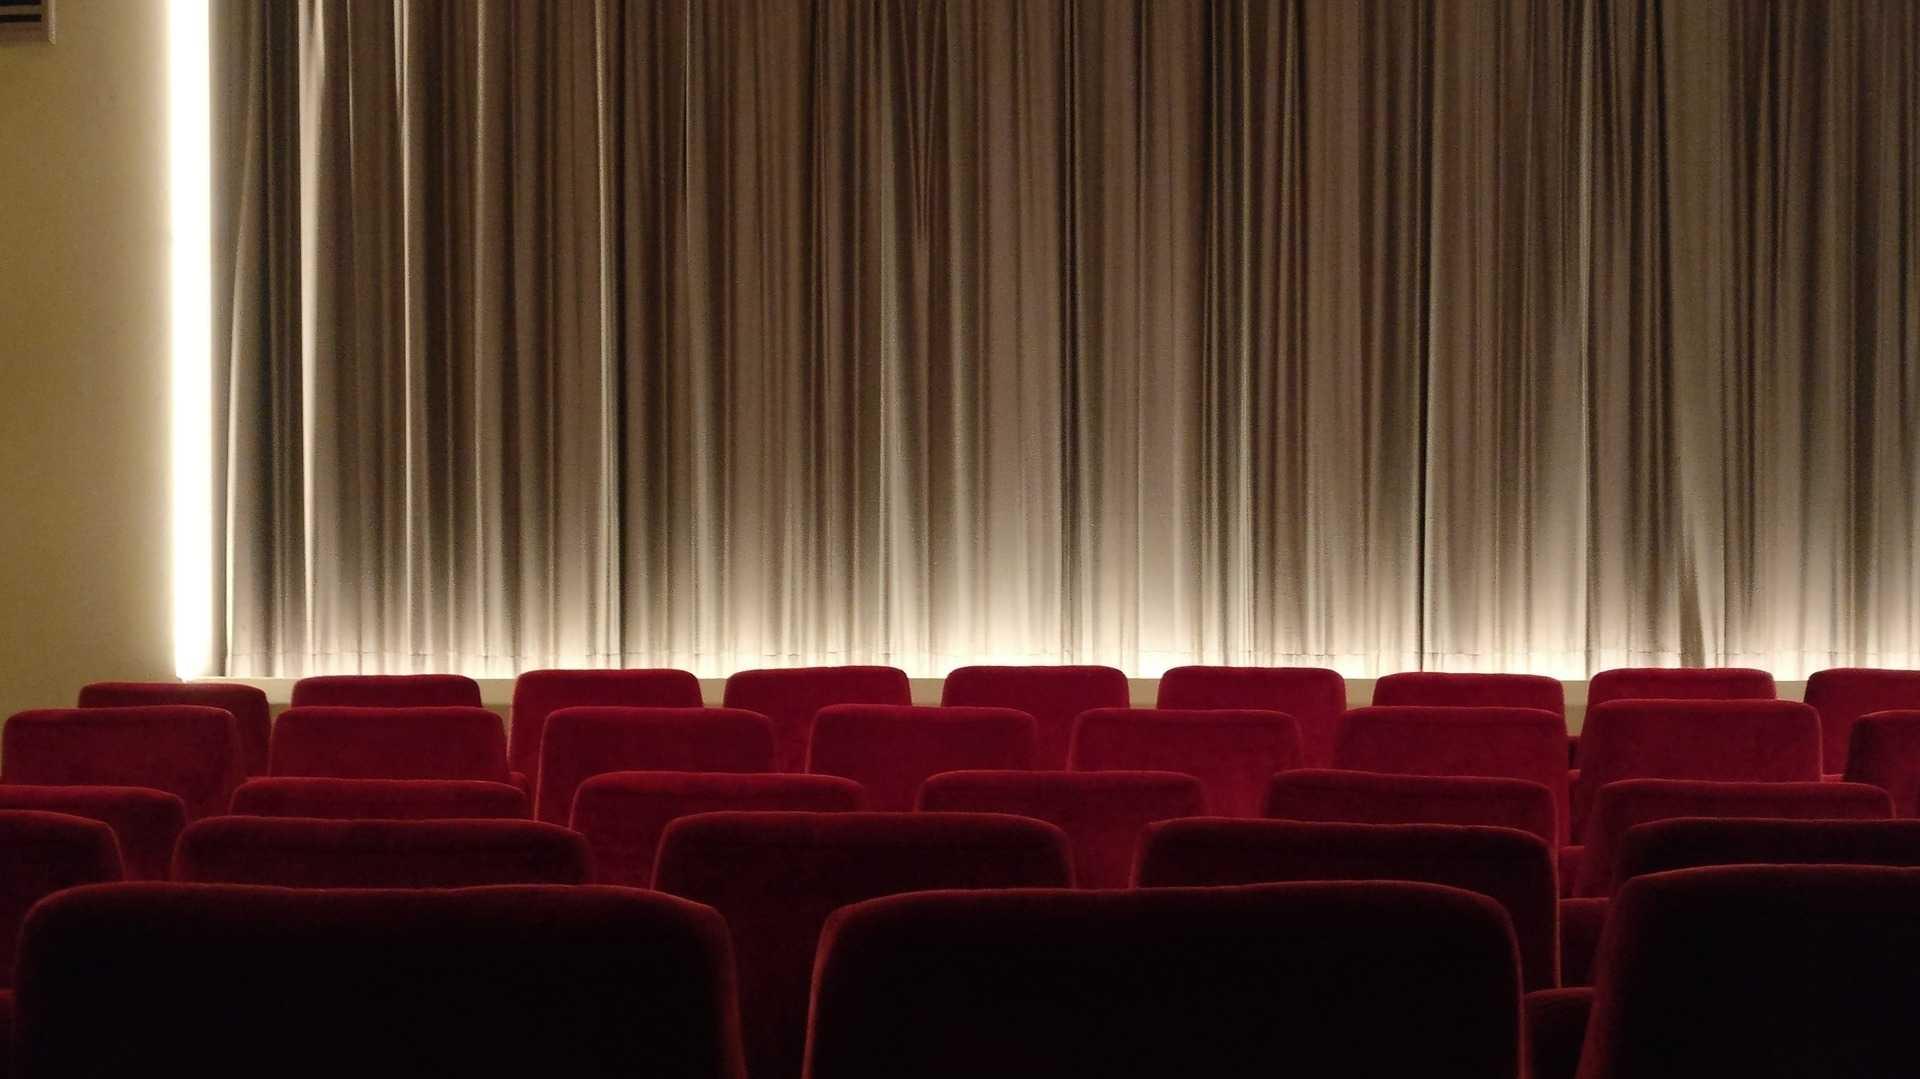 Saudi-Arabien bereitet sich auf Eröffnung des ersten Kinos vor